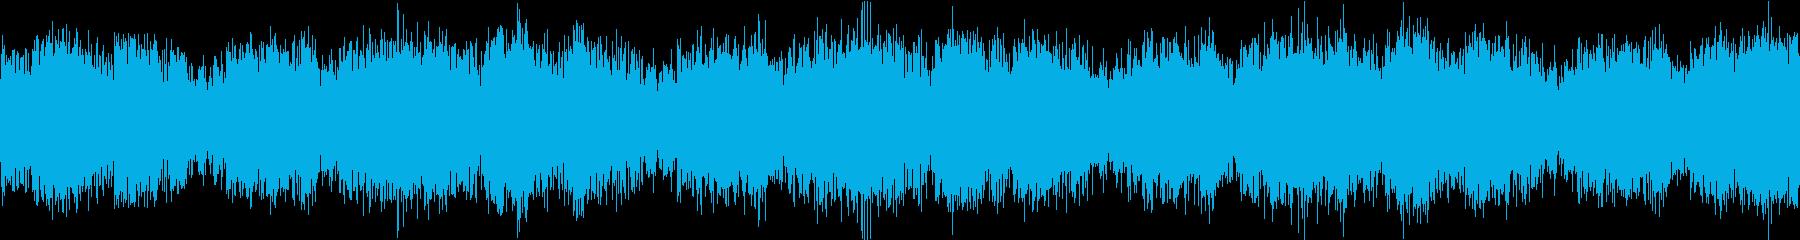 緊迫感 かっこいいオーケストラ ループの再生済みの波形